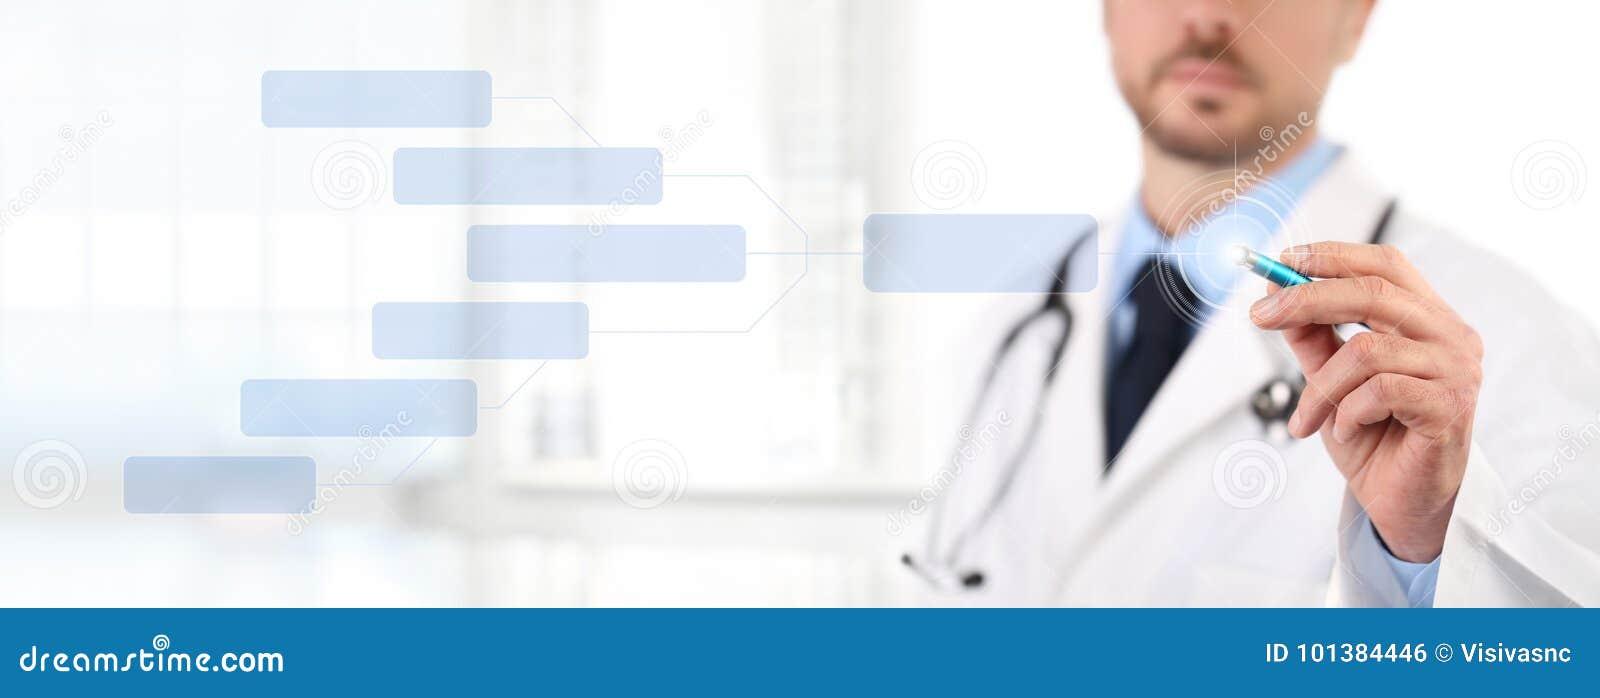 Behandeln Sie Touch Screen mit einem medizinischen Gesundheitskonzept des Stiftes